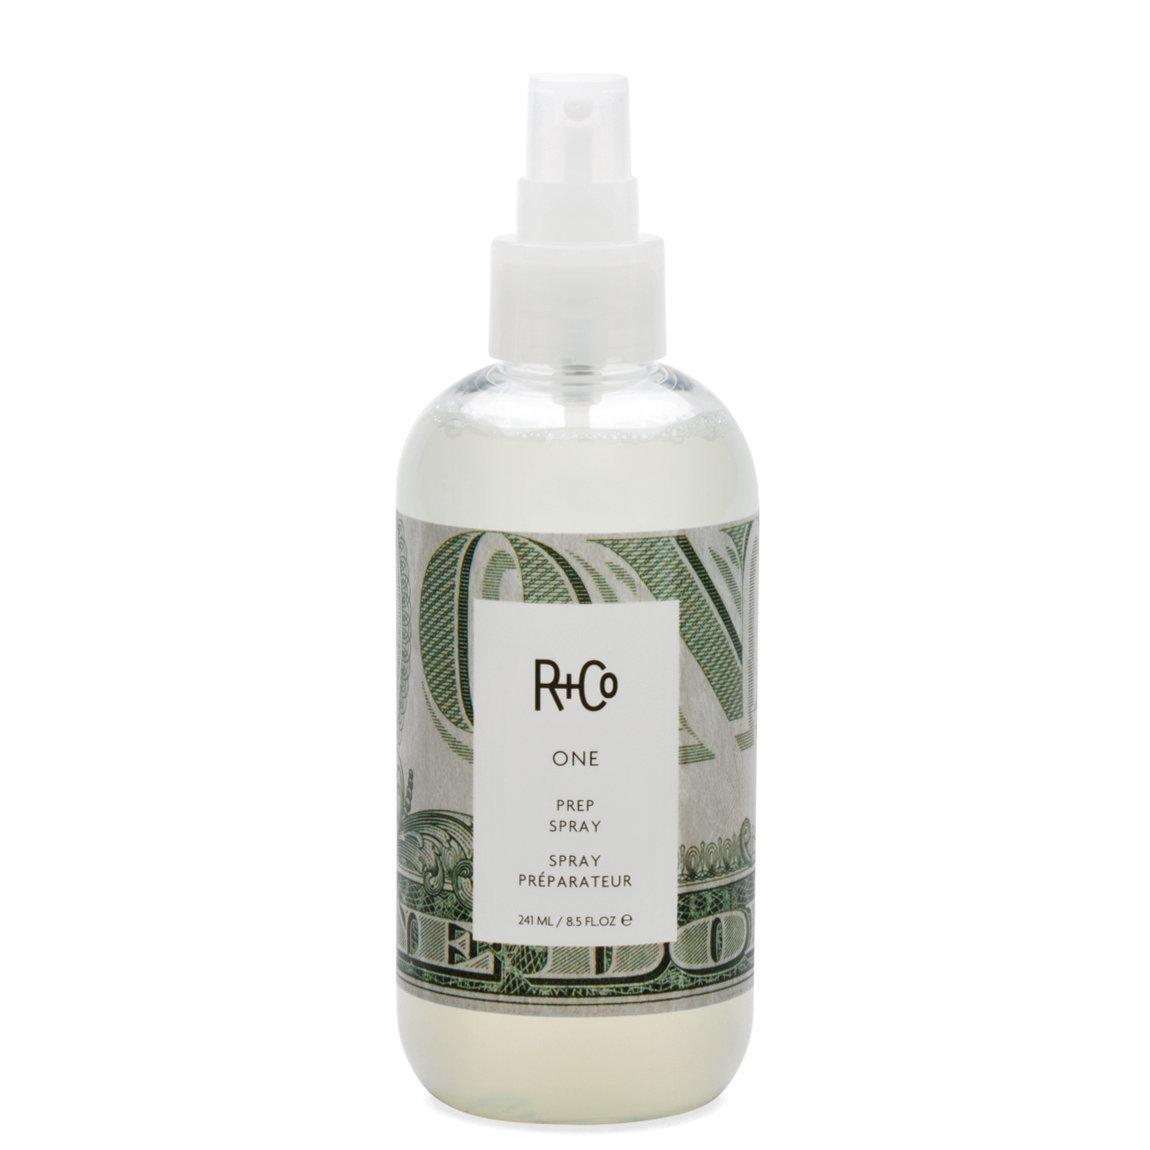 R+Co One Prep Spray 8.5 oz alternative view 1.